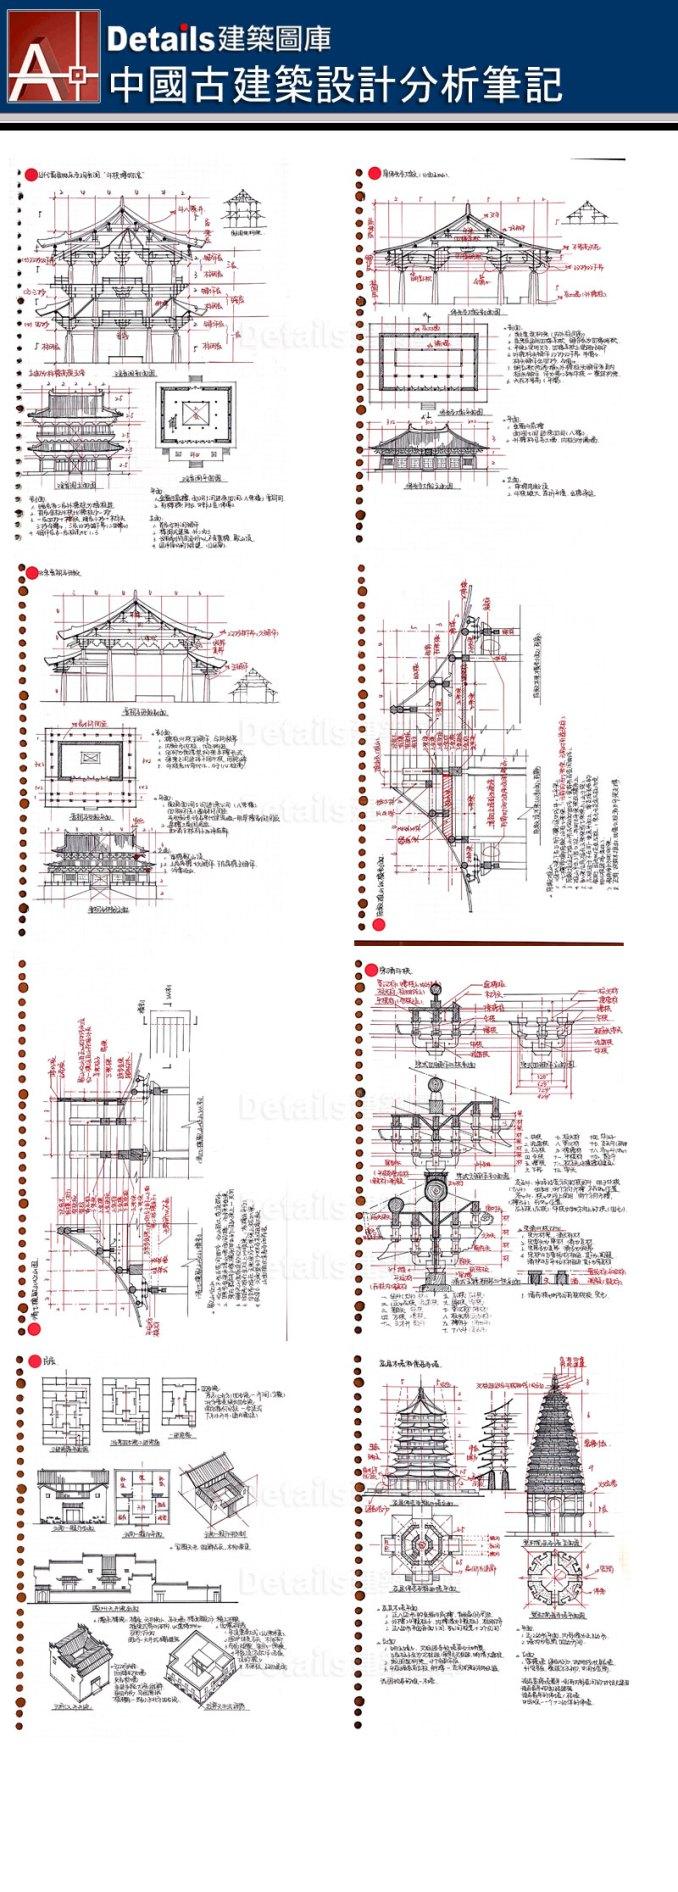 【中國古建築設計分析筆記】